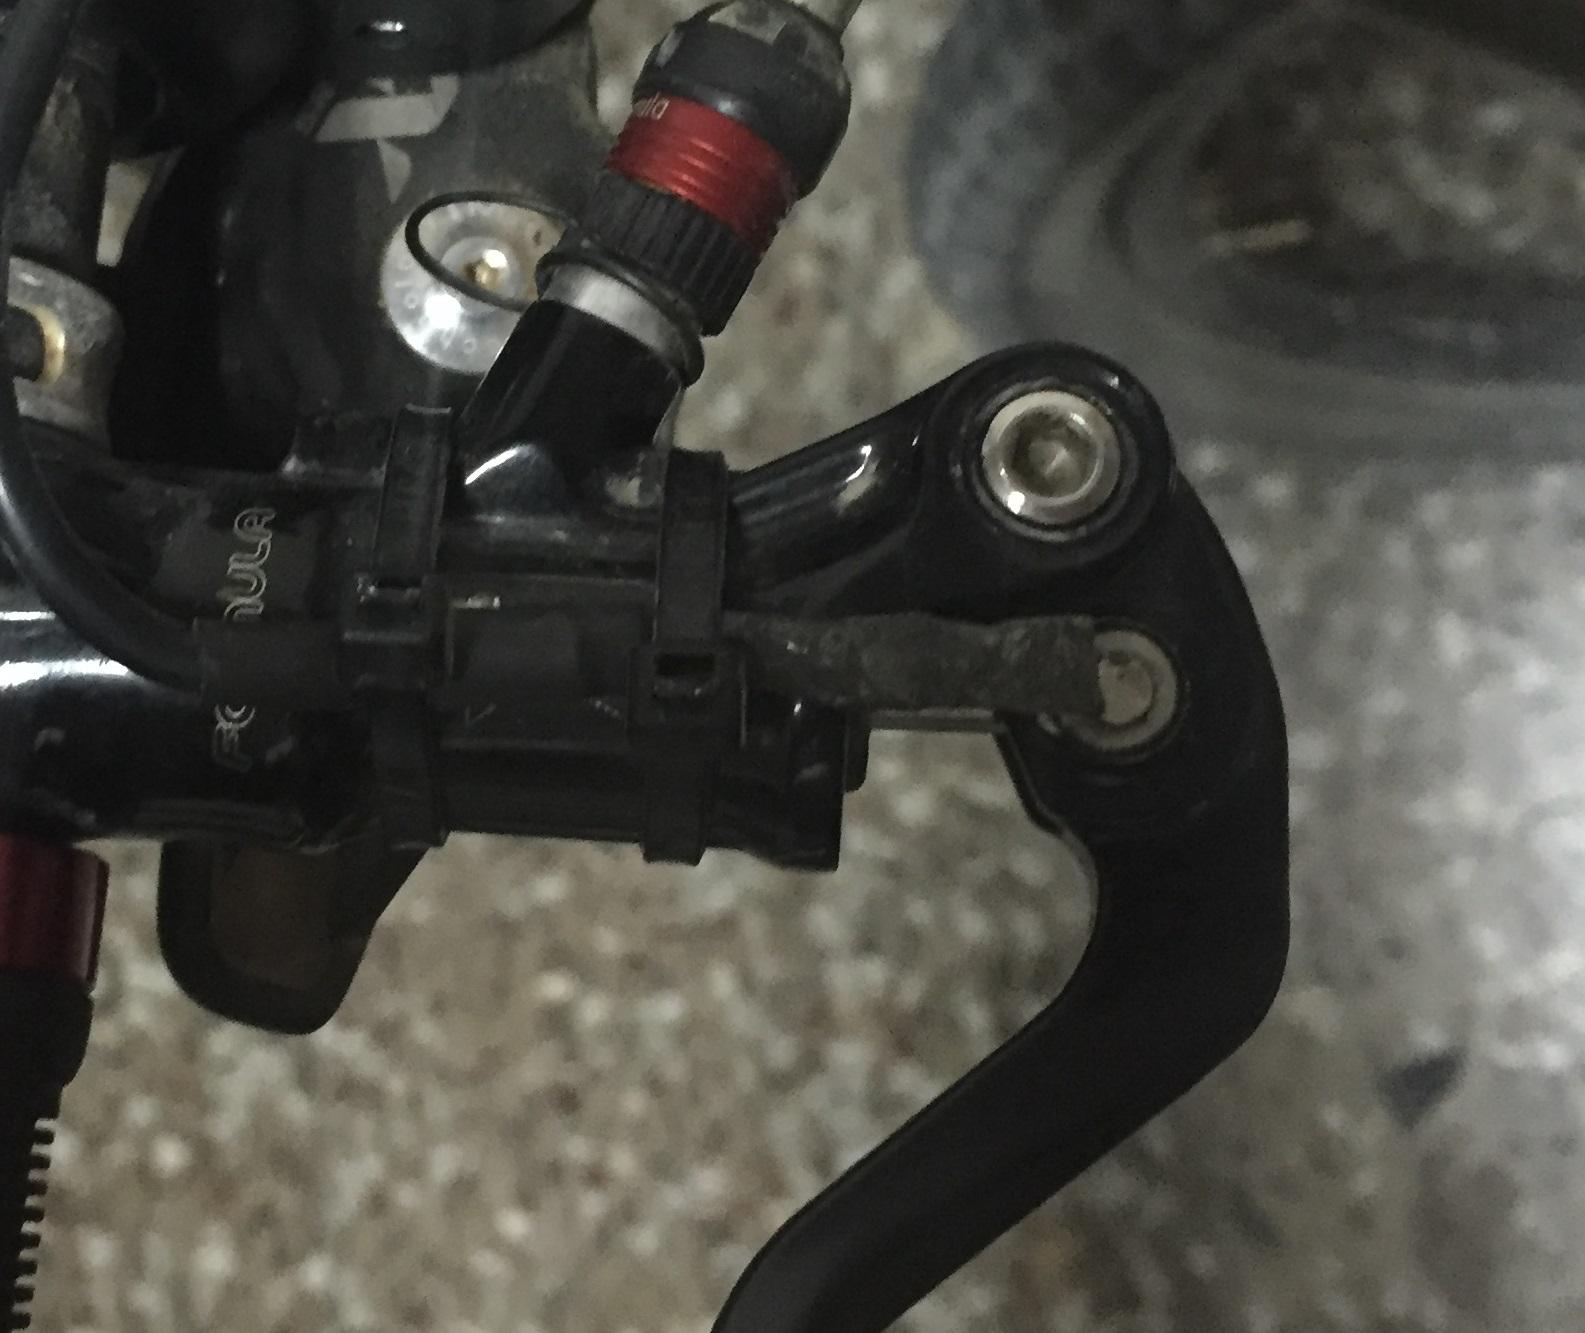 Sensor de freno para cualquier freno hidráulico en motores BBS01-02. 25p1c1k